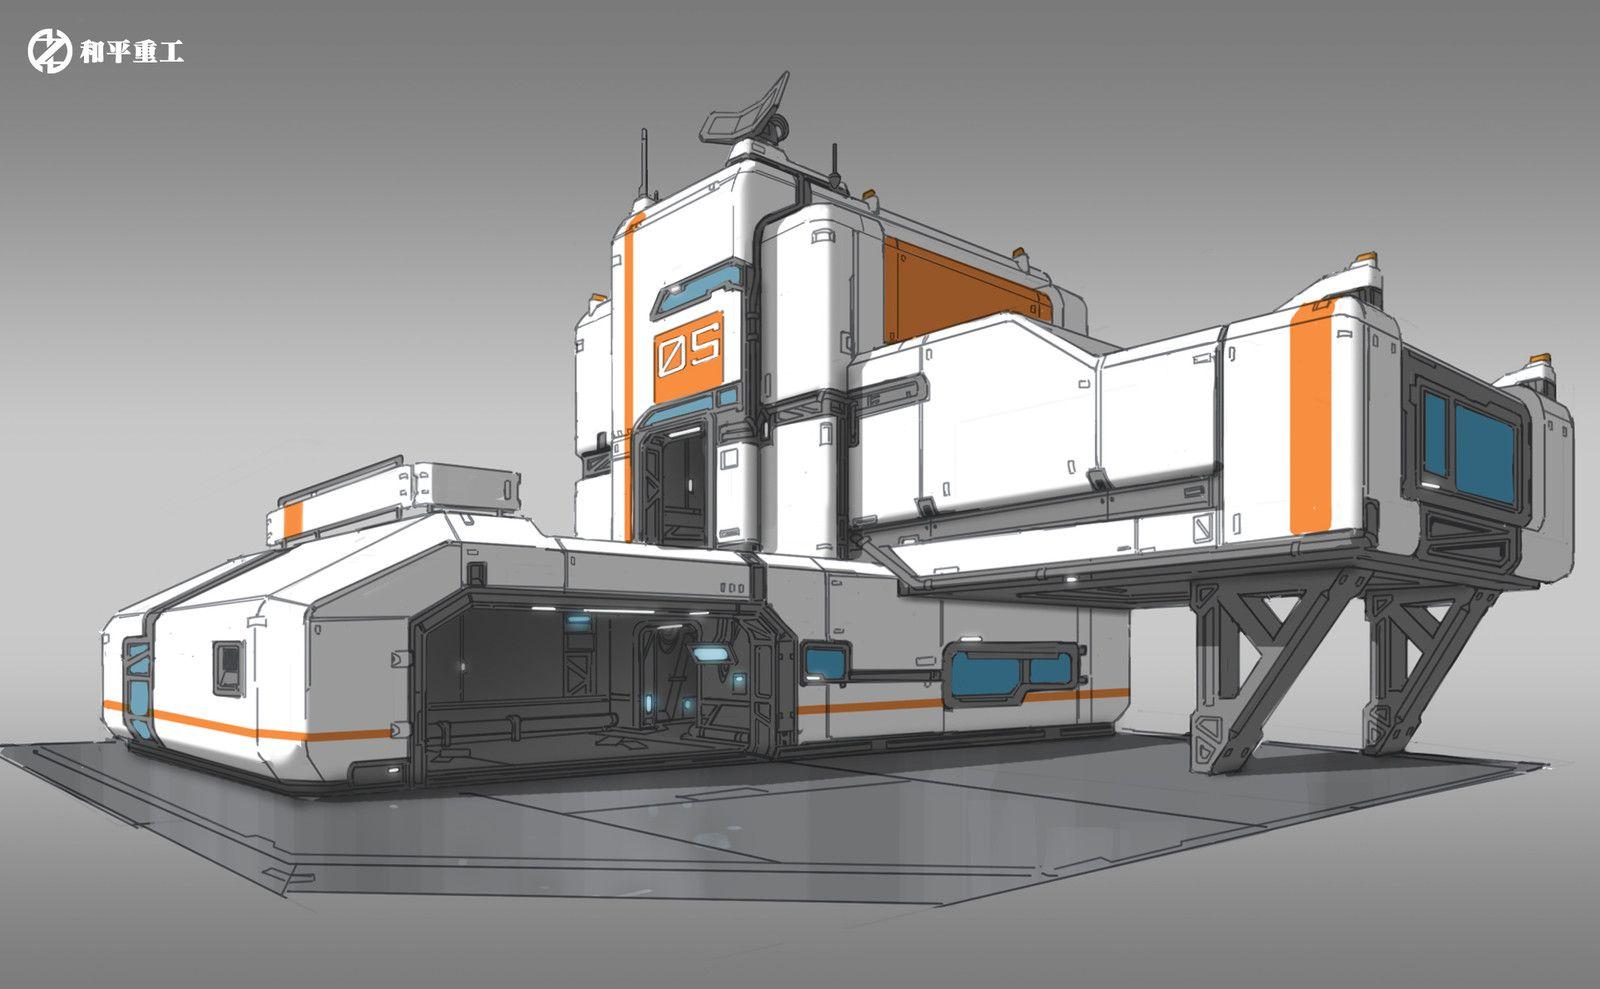 building design 01, Shantaram 05 on ArtStation at https